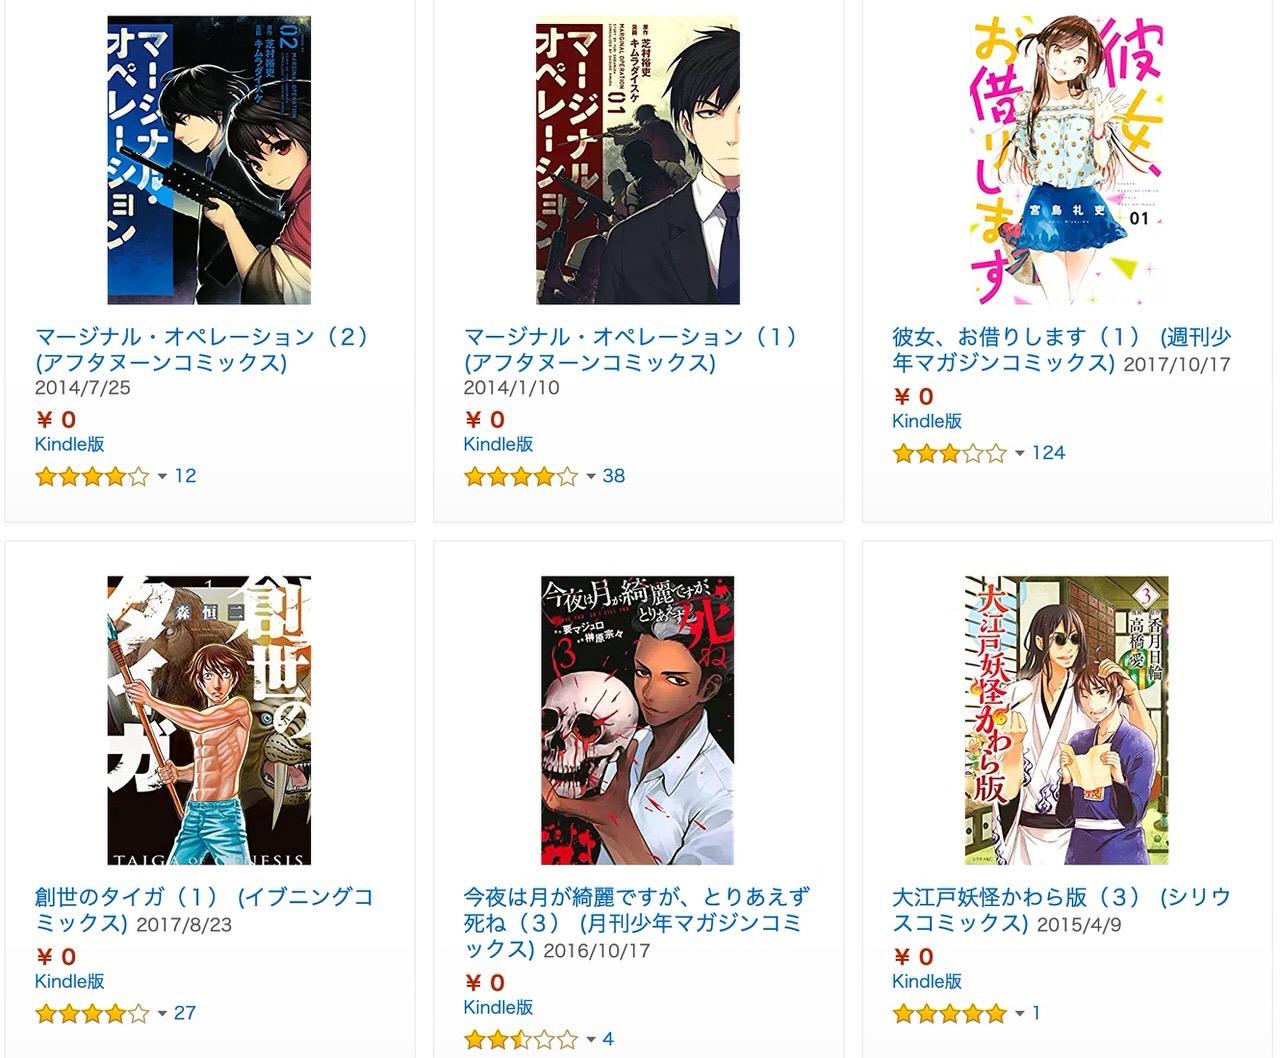 【Kindleセール】対象作品が0円「講談社 春のマンガ祭り」コウノドリ、ハレ婚など(3/28まで)